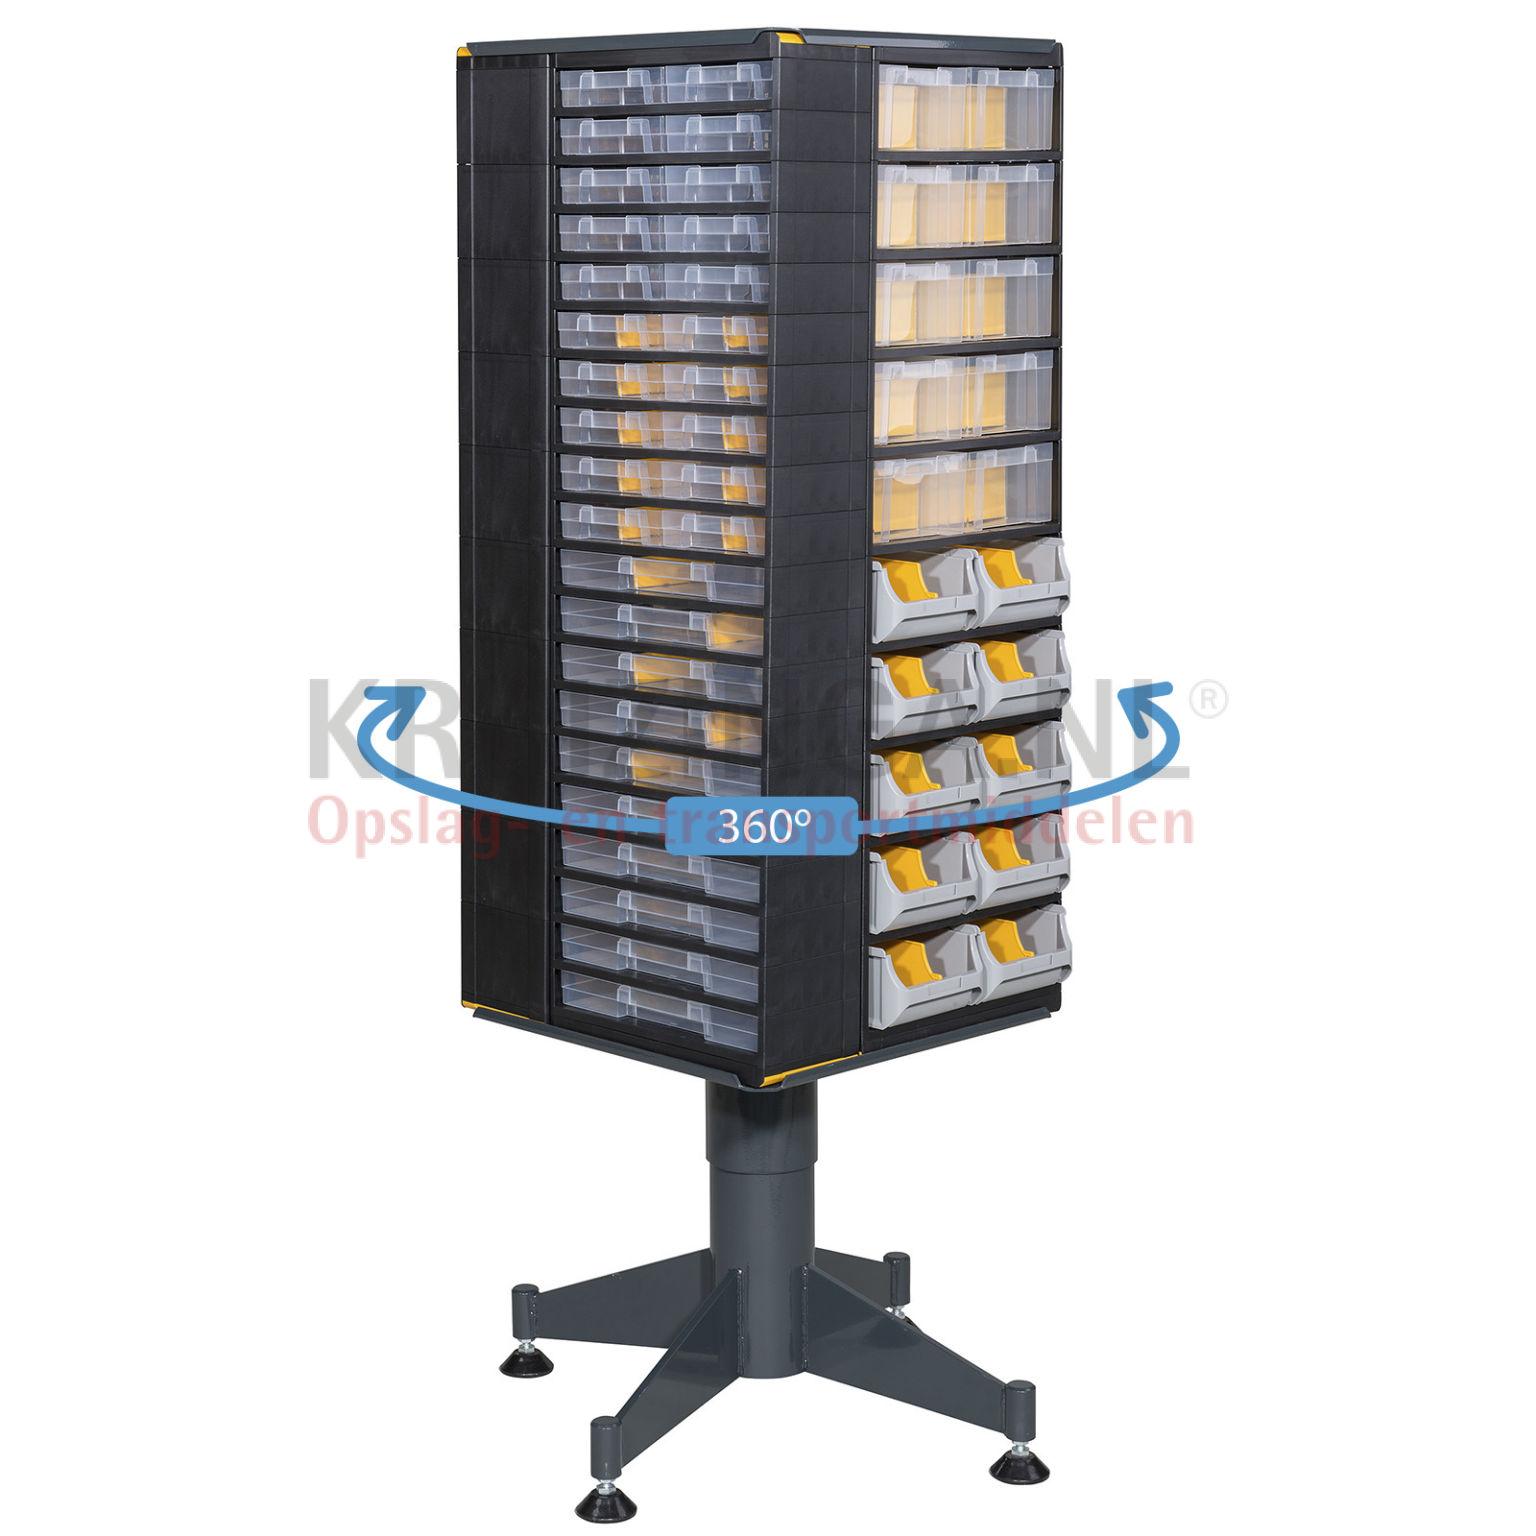 bac a bec en plastique colonne de rangement pivotante quipe de 160 tiroirs partir de 586 75. Black Bedroom Furniture Sets. Home Design Ideas